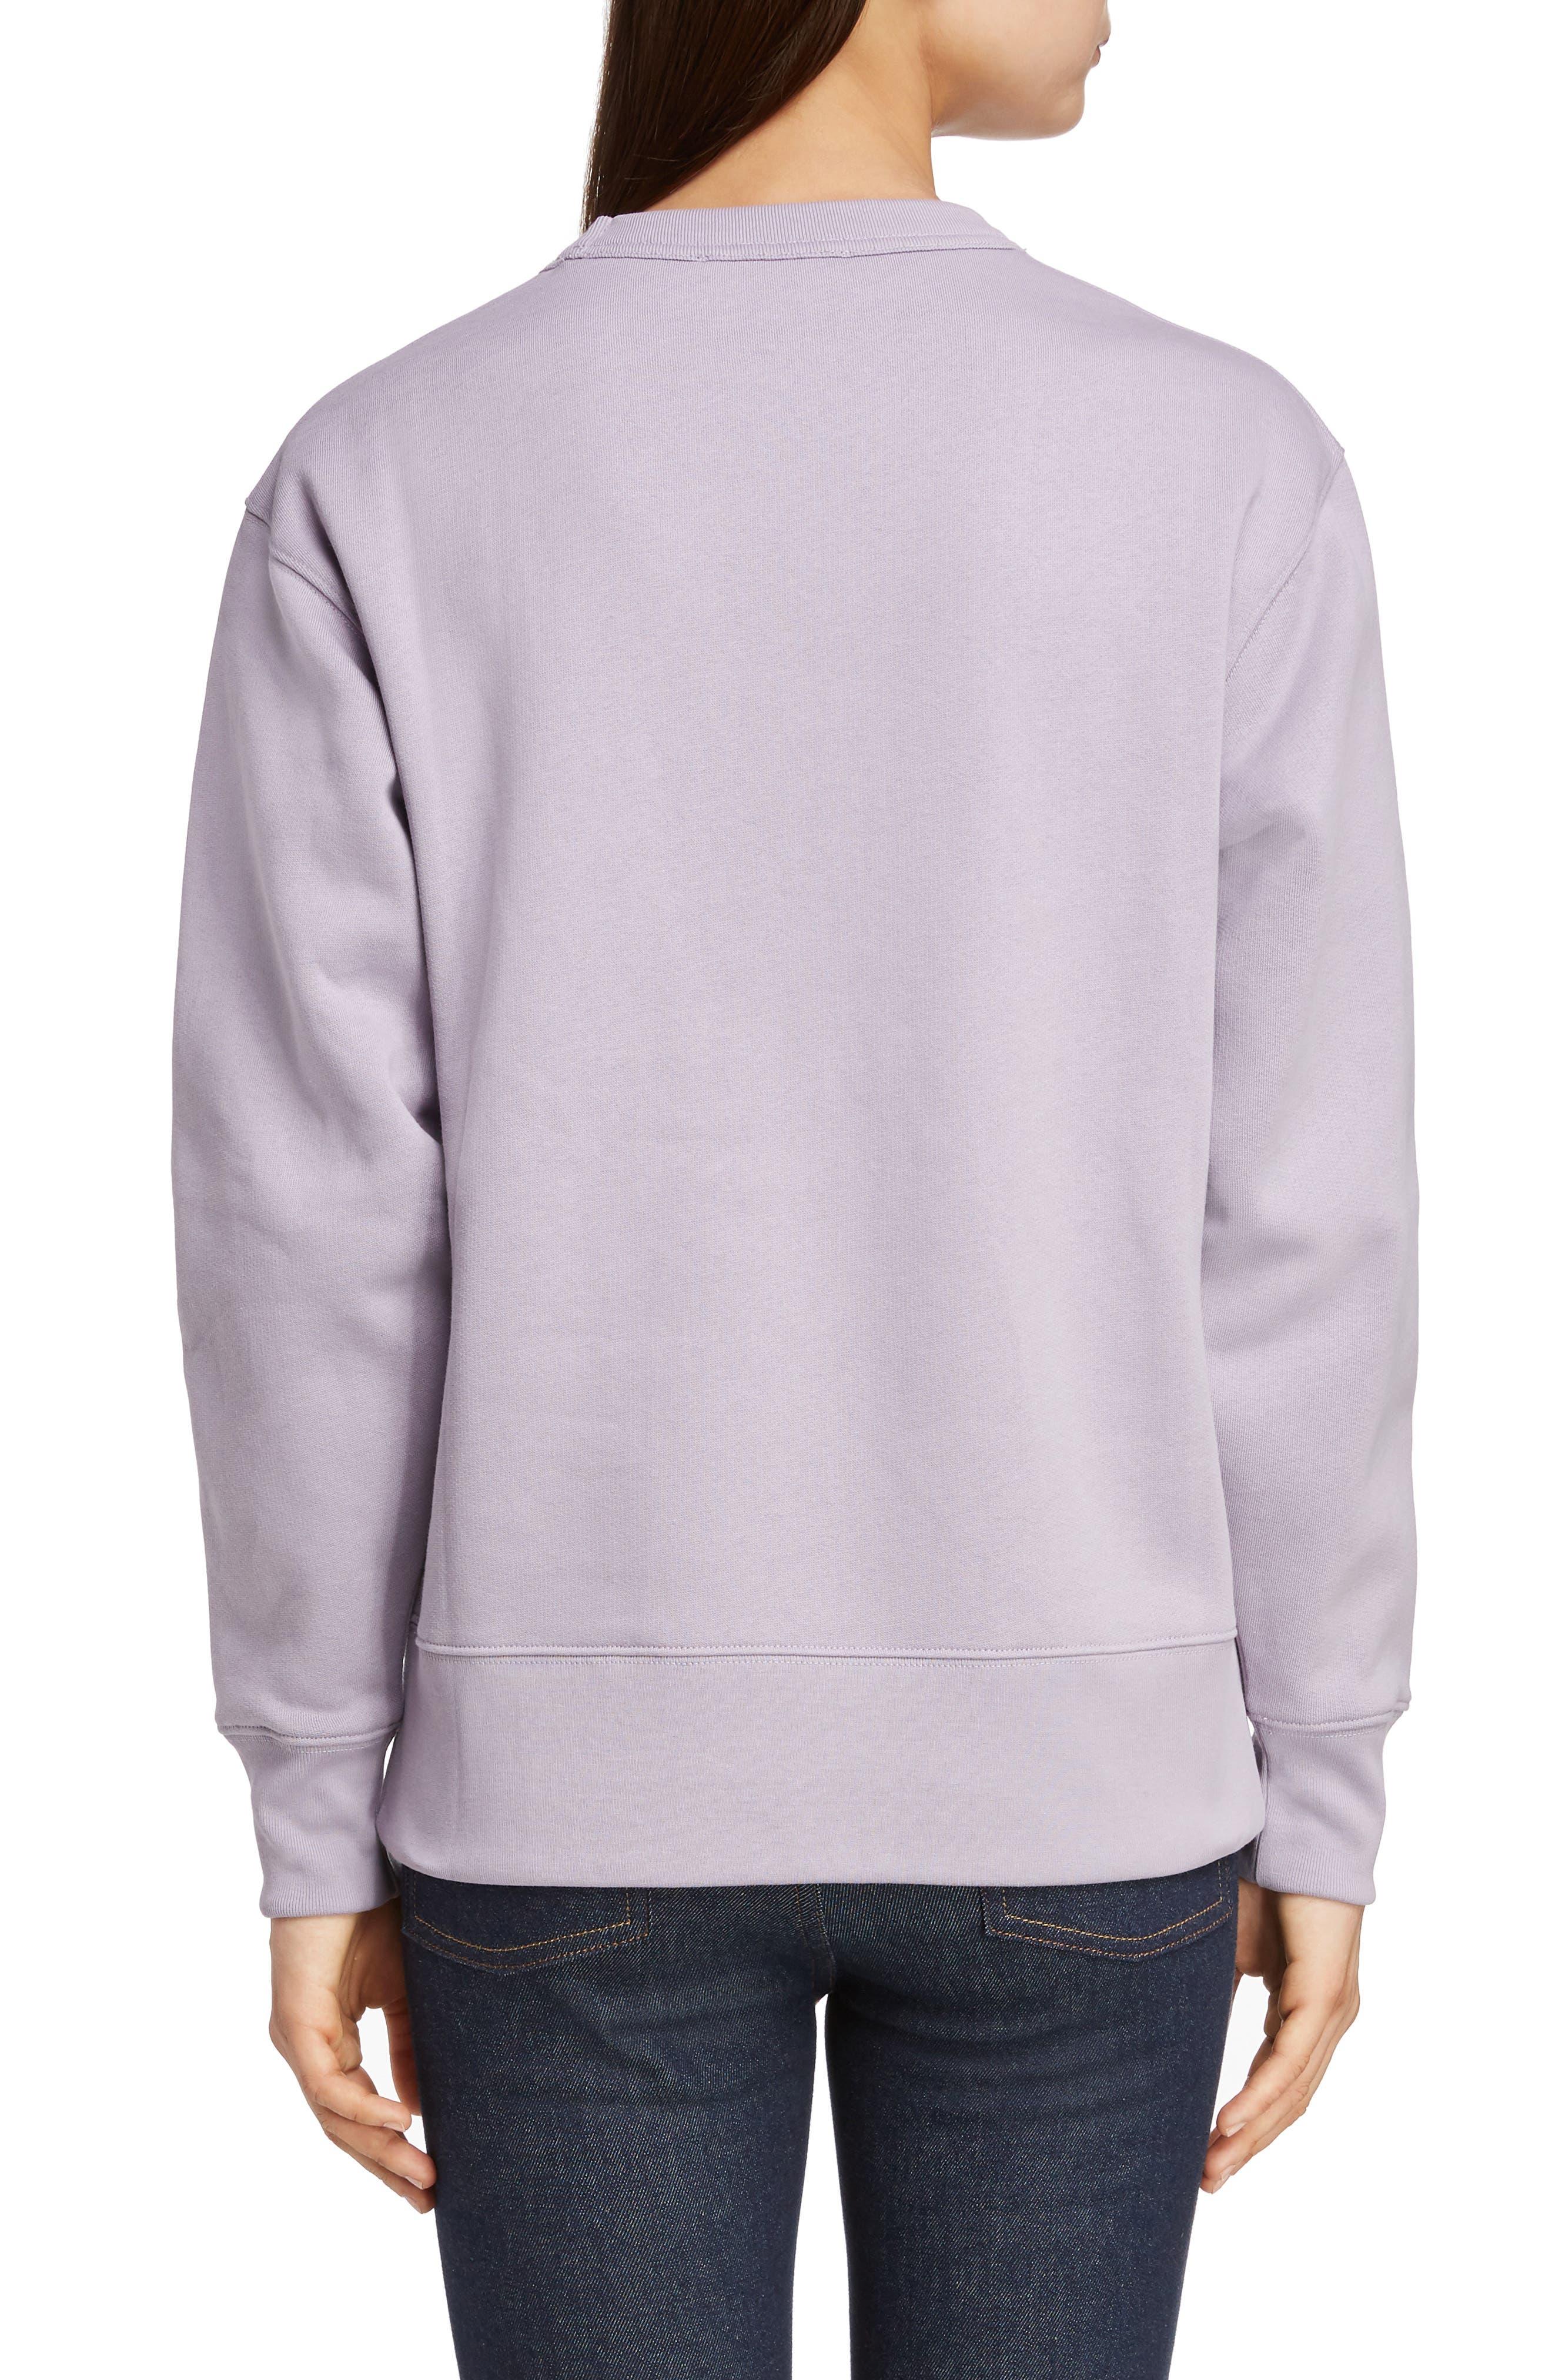 Fairview Face Sweatshirt,                             Alternate thumbnail 2, color,                             MAUVE PURPLE